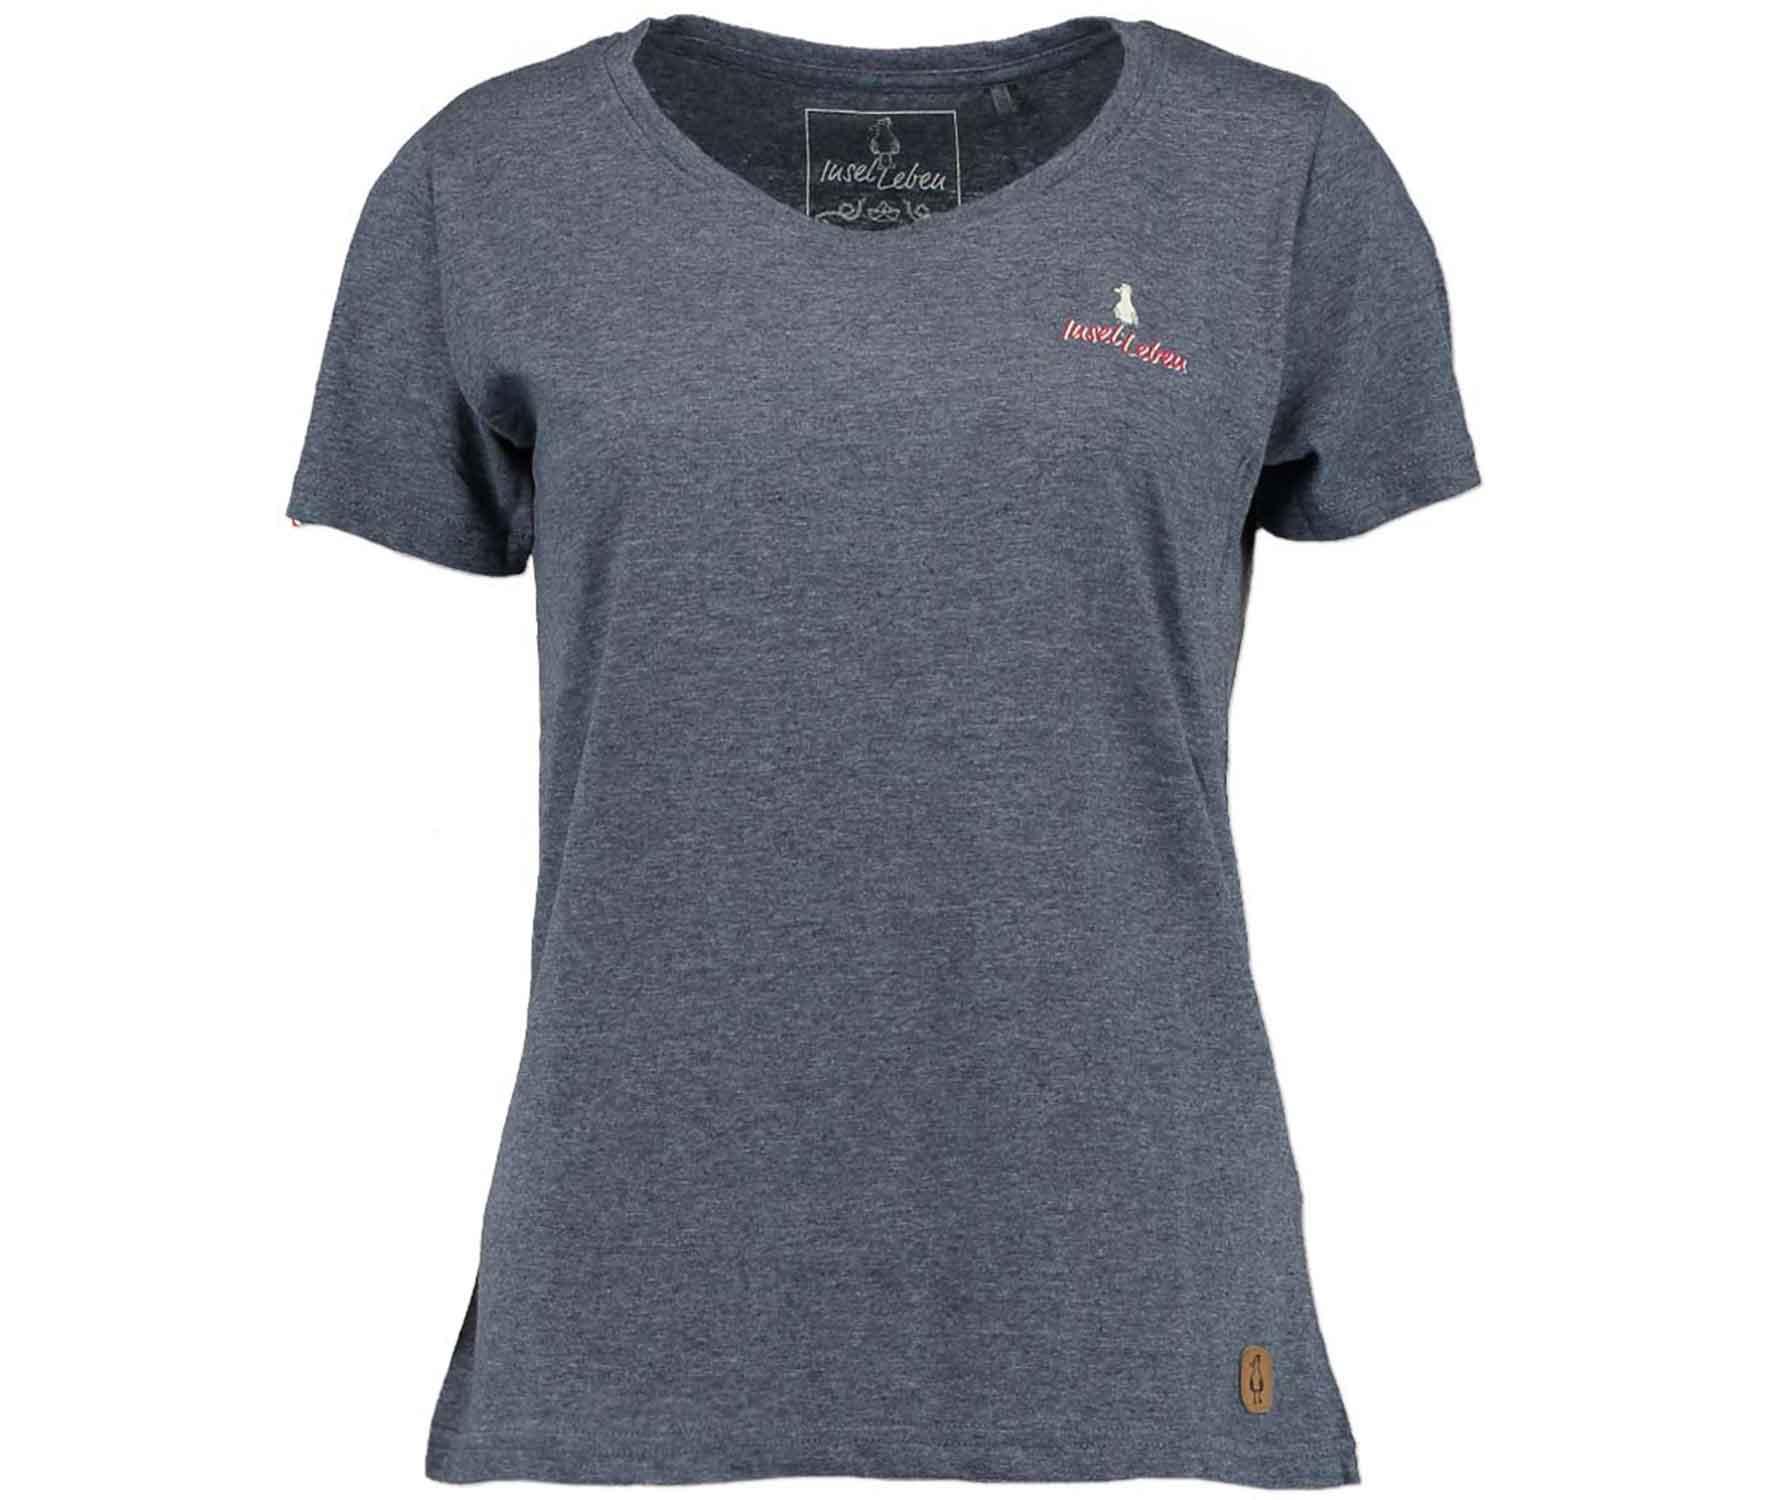 Damen T Shirts & günstige Tops online kaufen